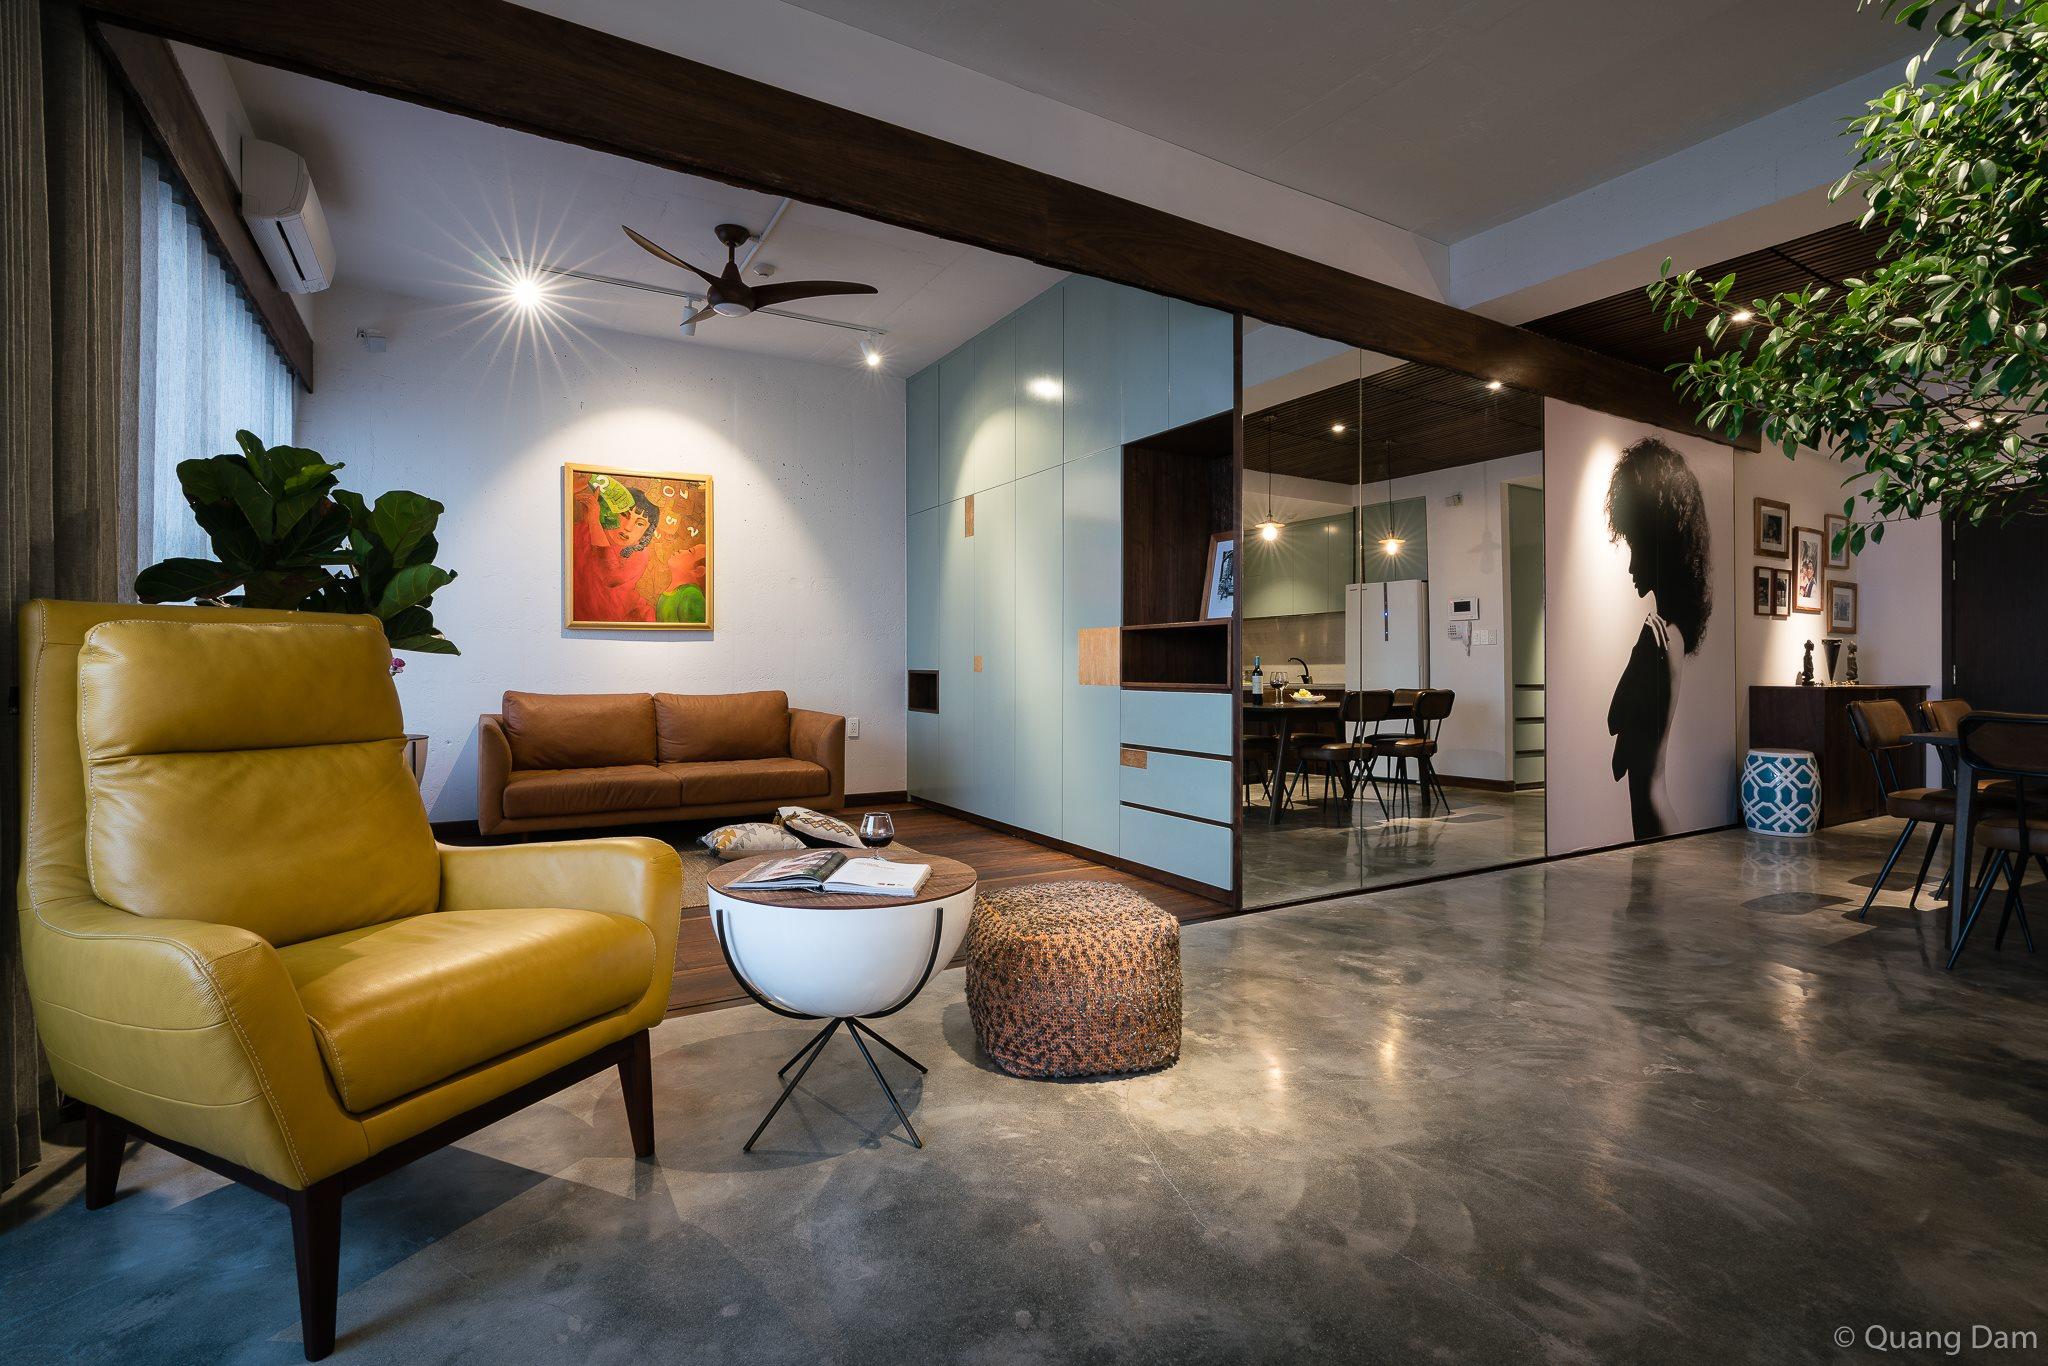 Nội thất căn hộ 1 phòng ngủ với điểm nhấn gỗ và cây xanh - Nhà Đẹp Số (5)